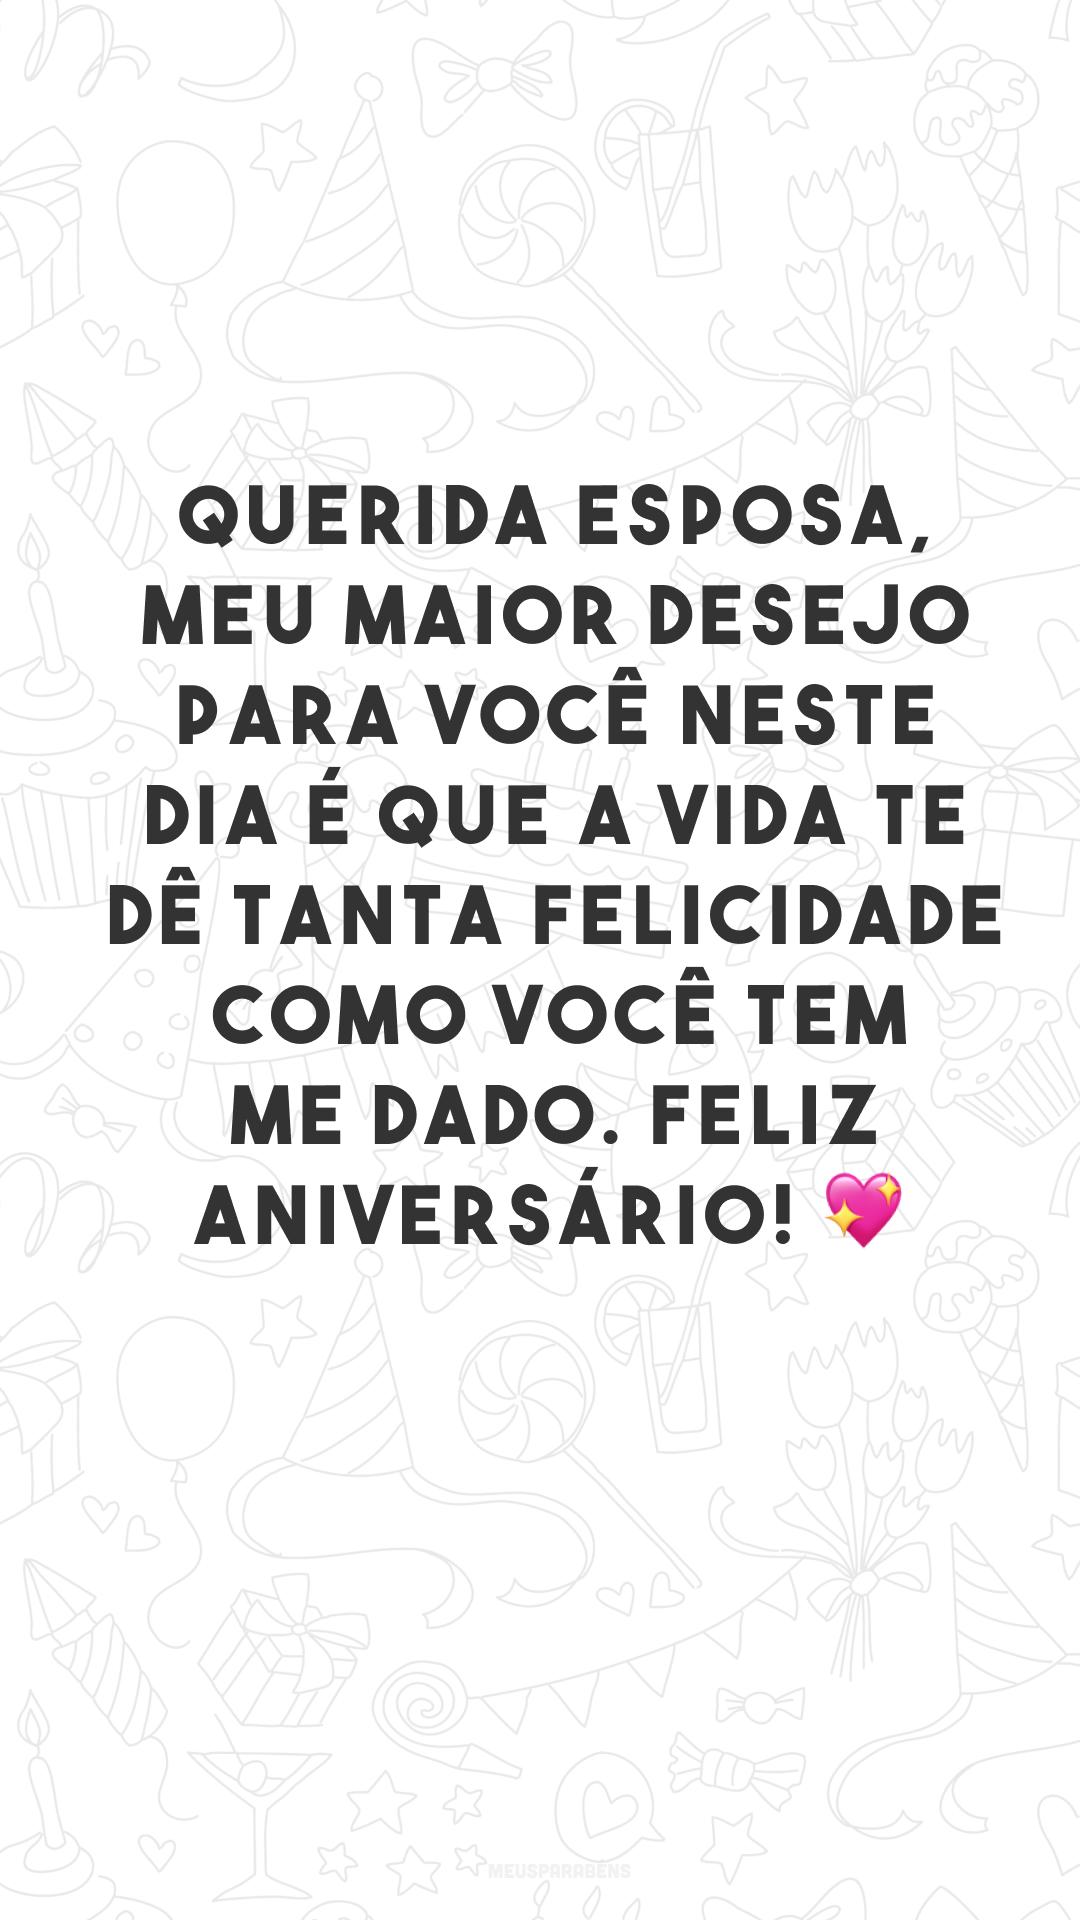 Querida esposa, meu maior desejo para você neste dia é que a vida te dê tanta felicidade como você tem me dado. Feliz aniversário! 💖<br />